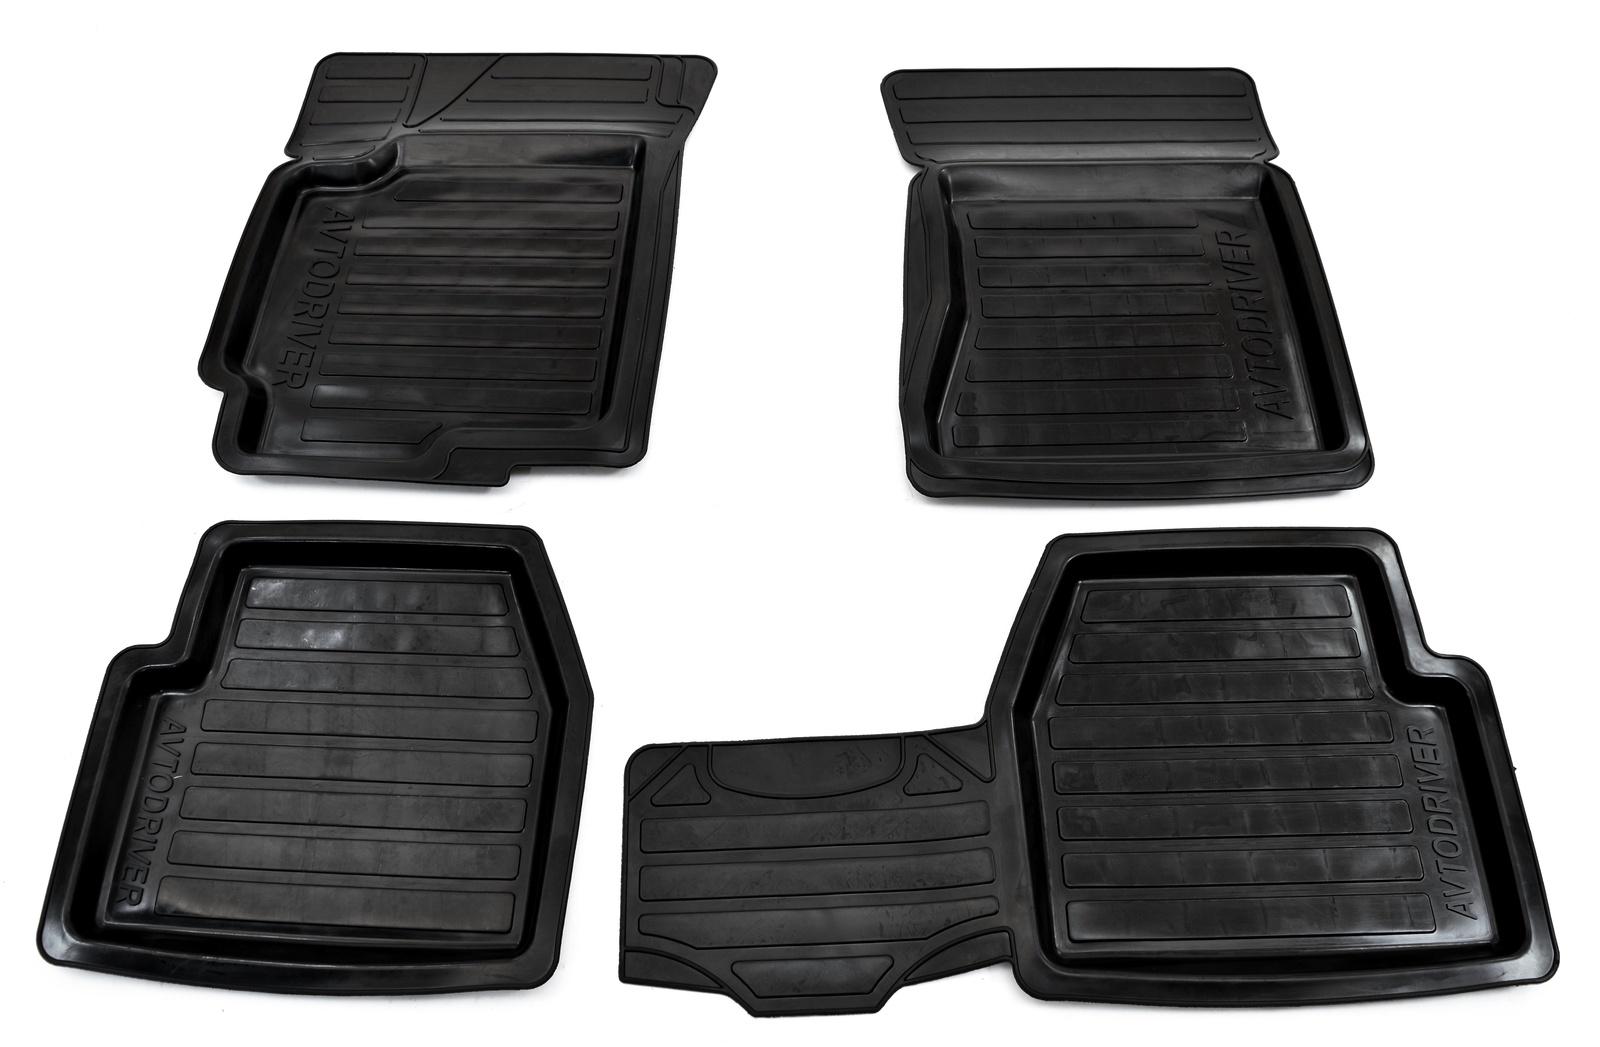 Коврики в салон автомобиля Avtodriver Авангард, универсальные, 4 шт, с перемычкой Avtodriver, ADRU007, резиновые, с бортиком, черный для автомобиля резинотканевые коврики